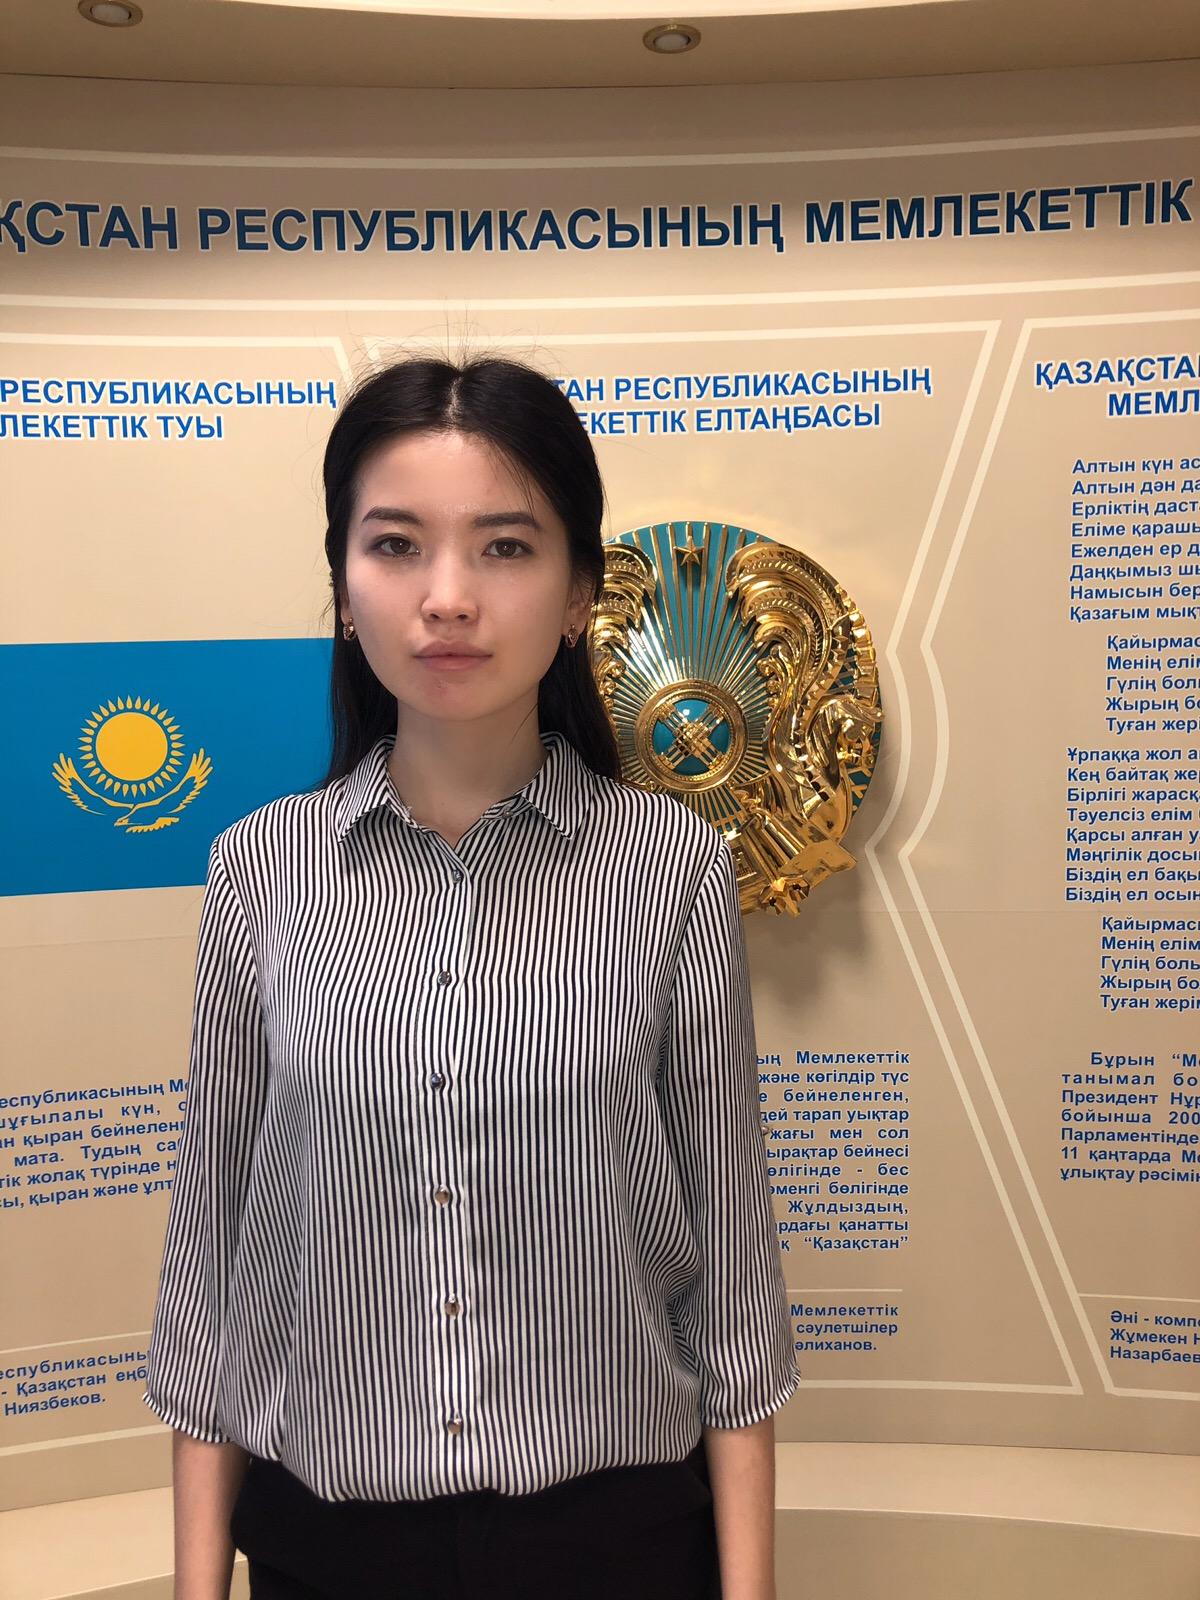 Бекболатова Сара Жанболатовна